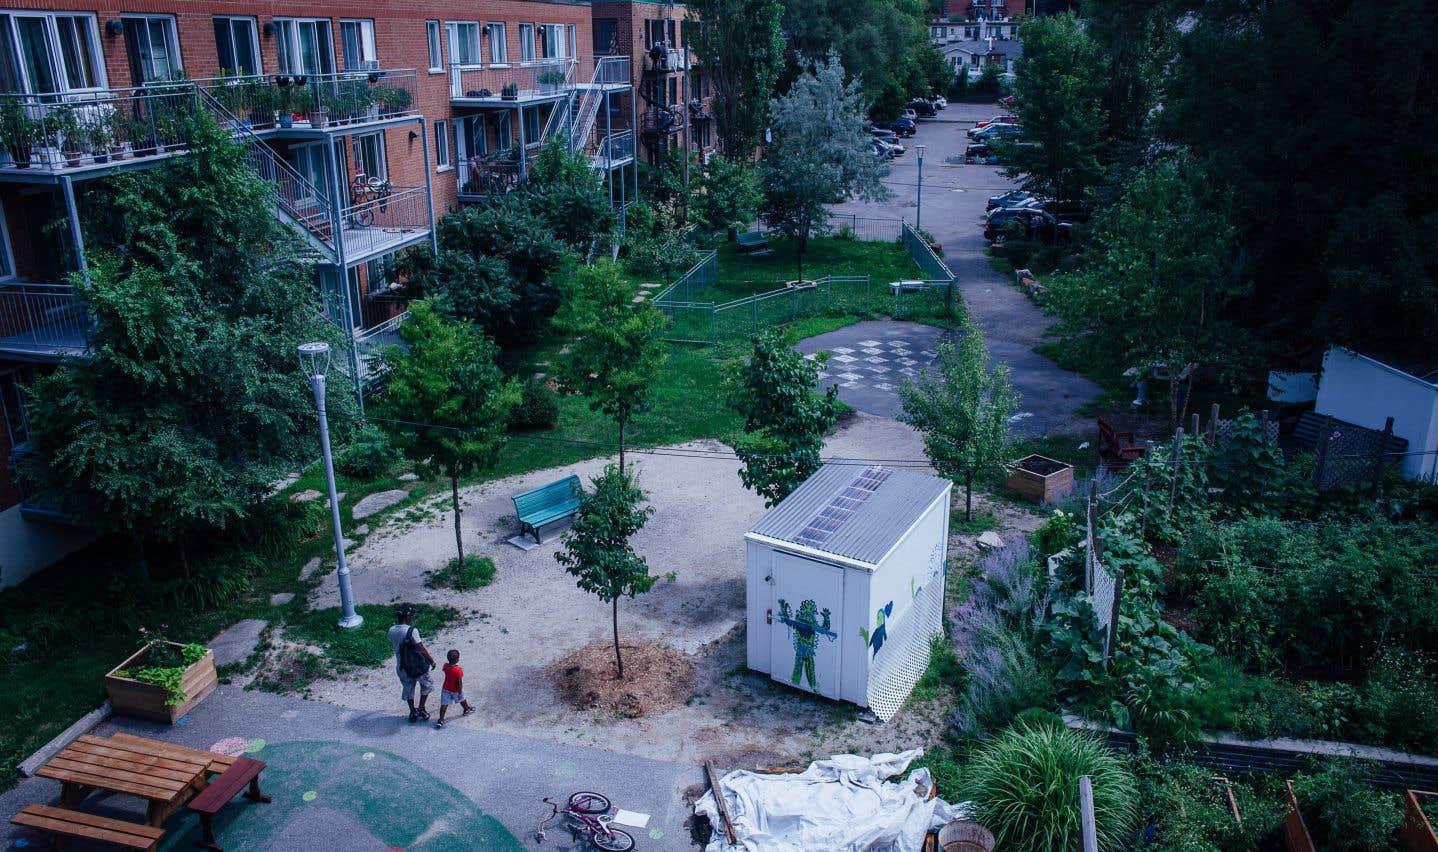 L'Îlot-Pelletier, un quartier de logements communautaires dans le nord-ouest de Montréal-Nord. Autrefois, le secteur était la proie des gangs de rue, du trafic de drogue et de la prostitution. En 2012, les lieux ont été réaménagés en espace communautaire grâce à l'implication des habitants.